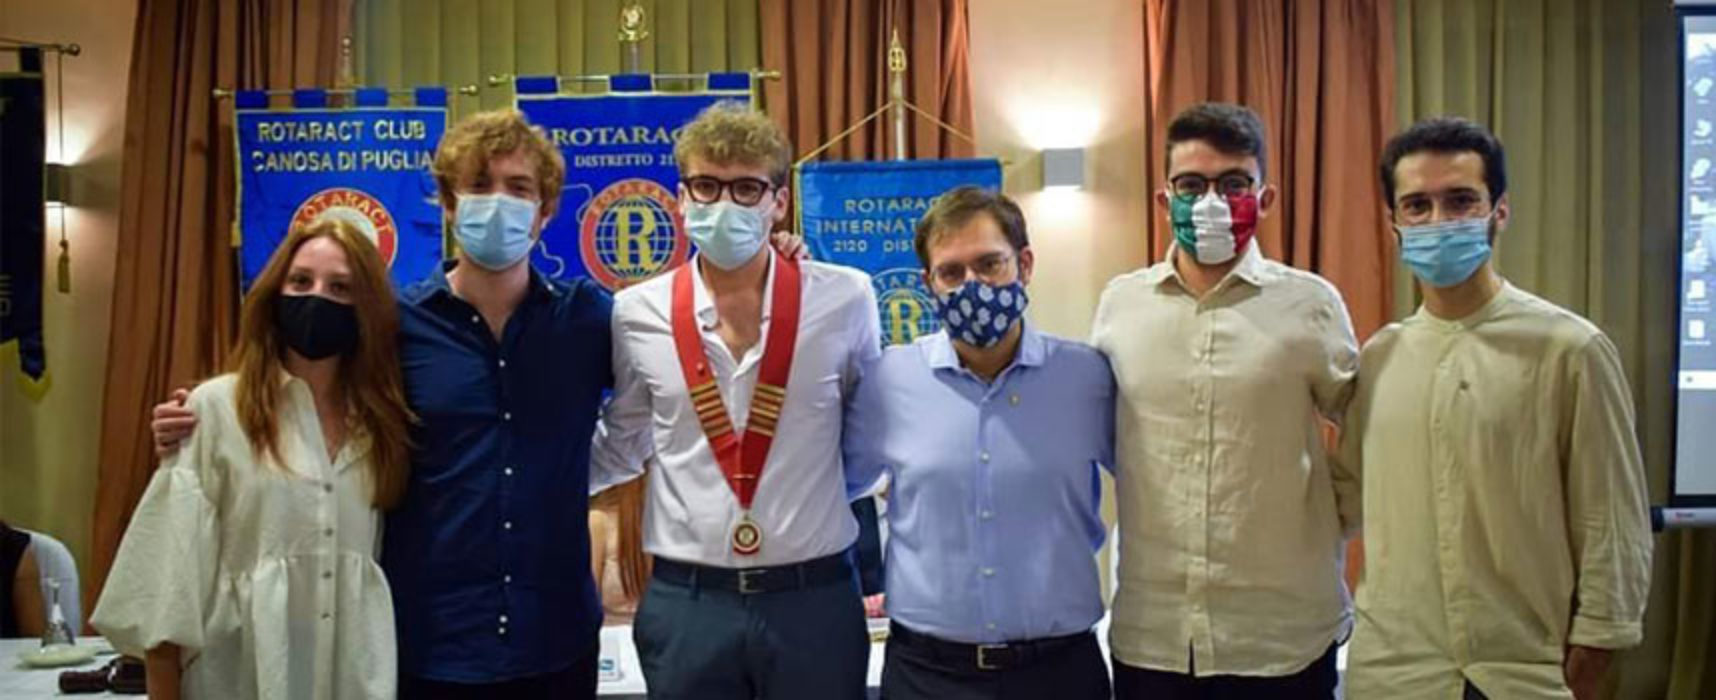 """Rotaract Bisceglie, a marzo tre nuovi eventi per la rubrica """"Rotar-View"""""""